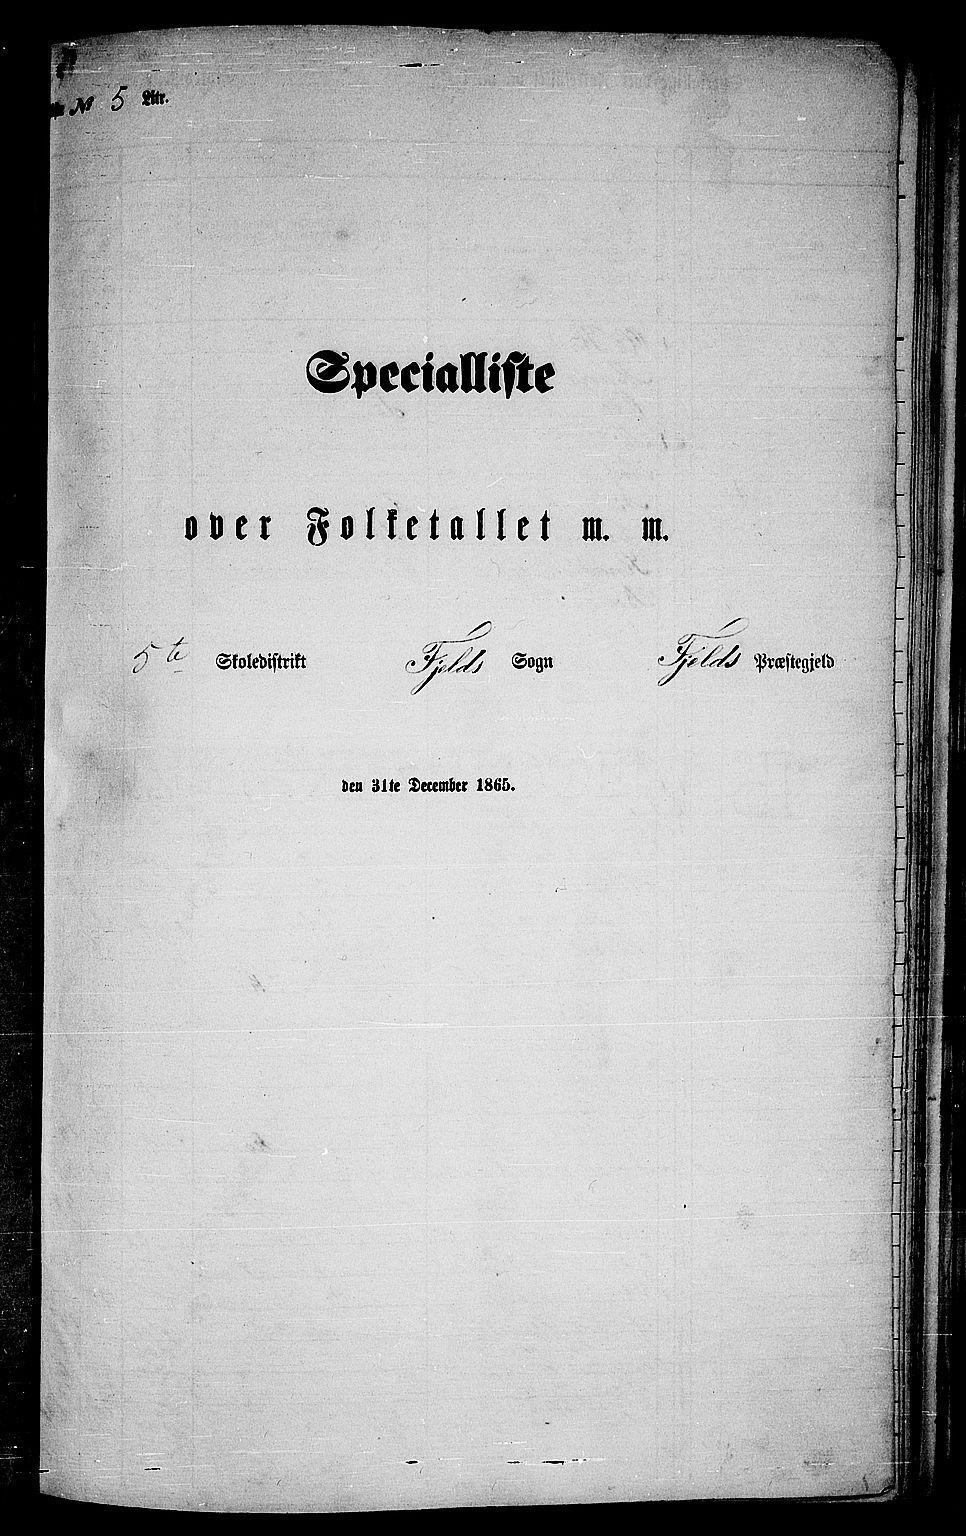 RA, Folketelling 1865 for 1246P Fjell prestegjeld, 1865, s. 84